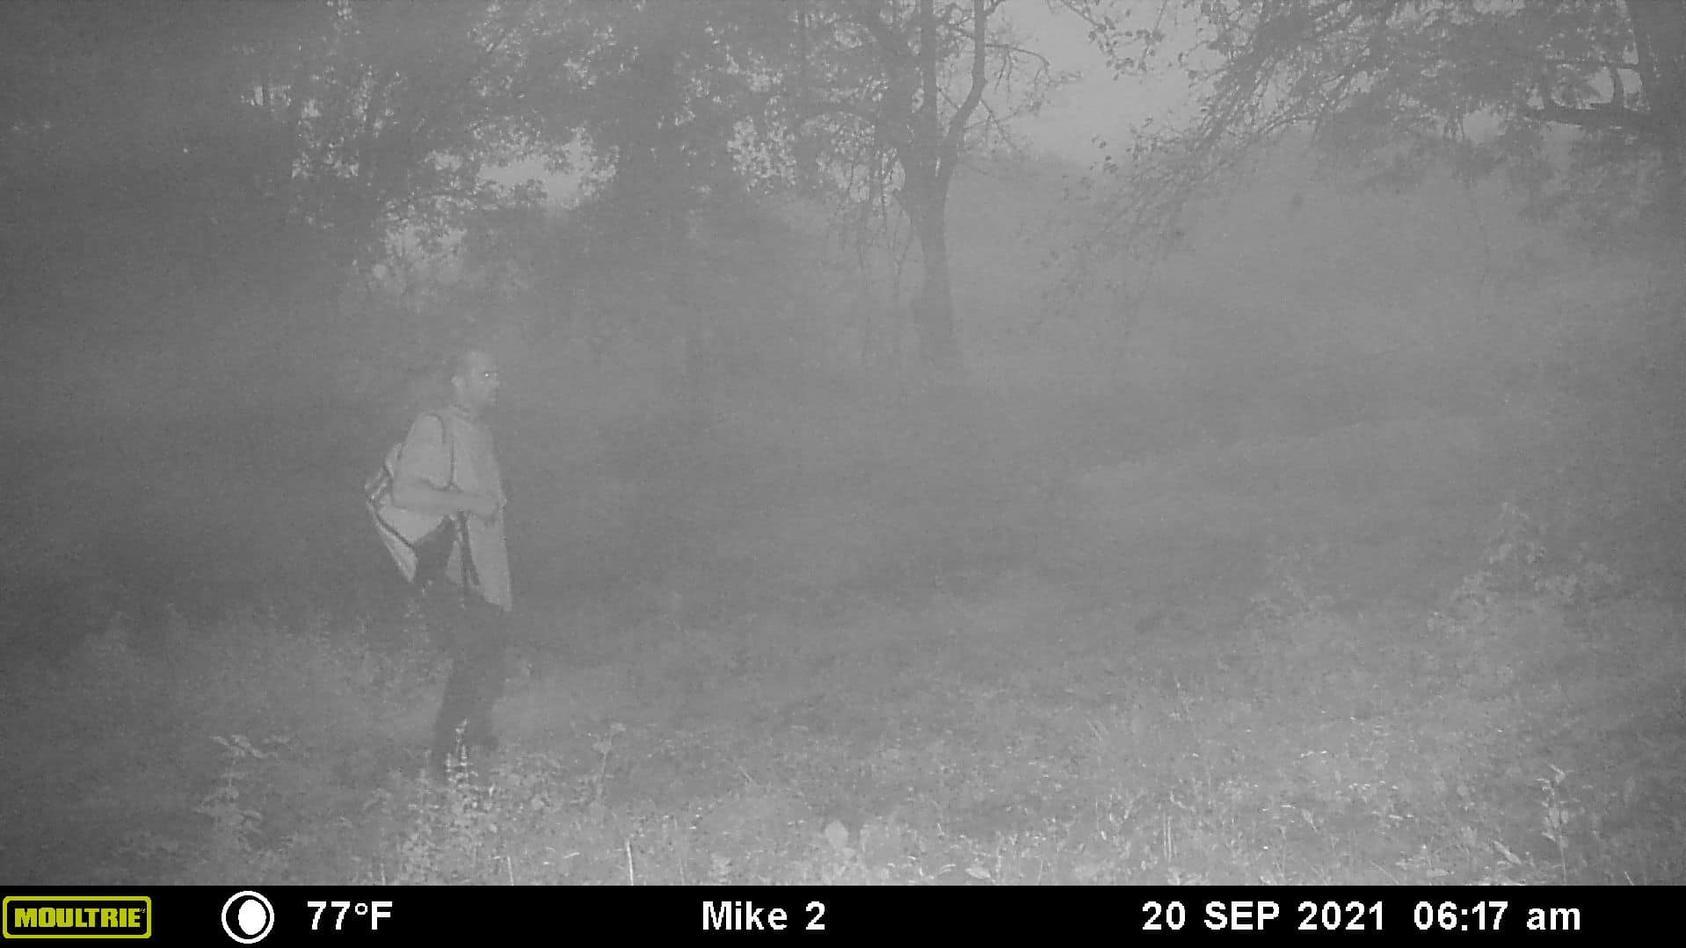 Dieses Bild einer Wildkamera könnte den gesuchten Brian Laundrie zeigen.